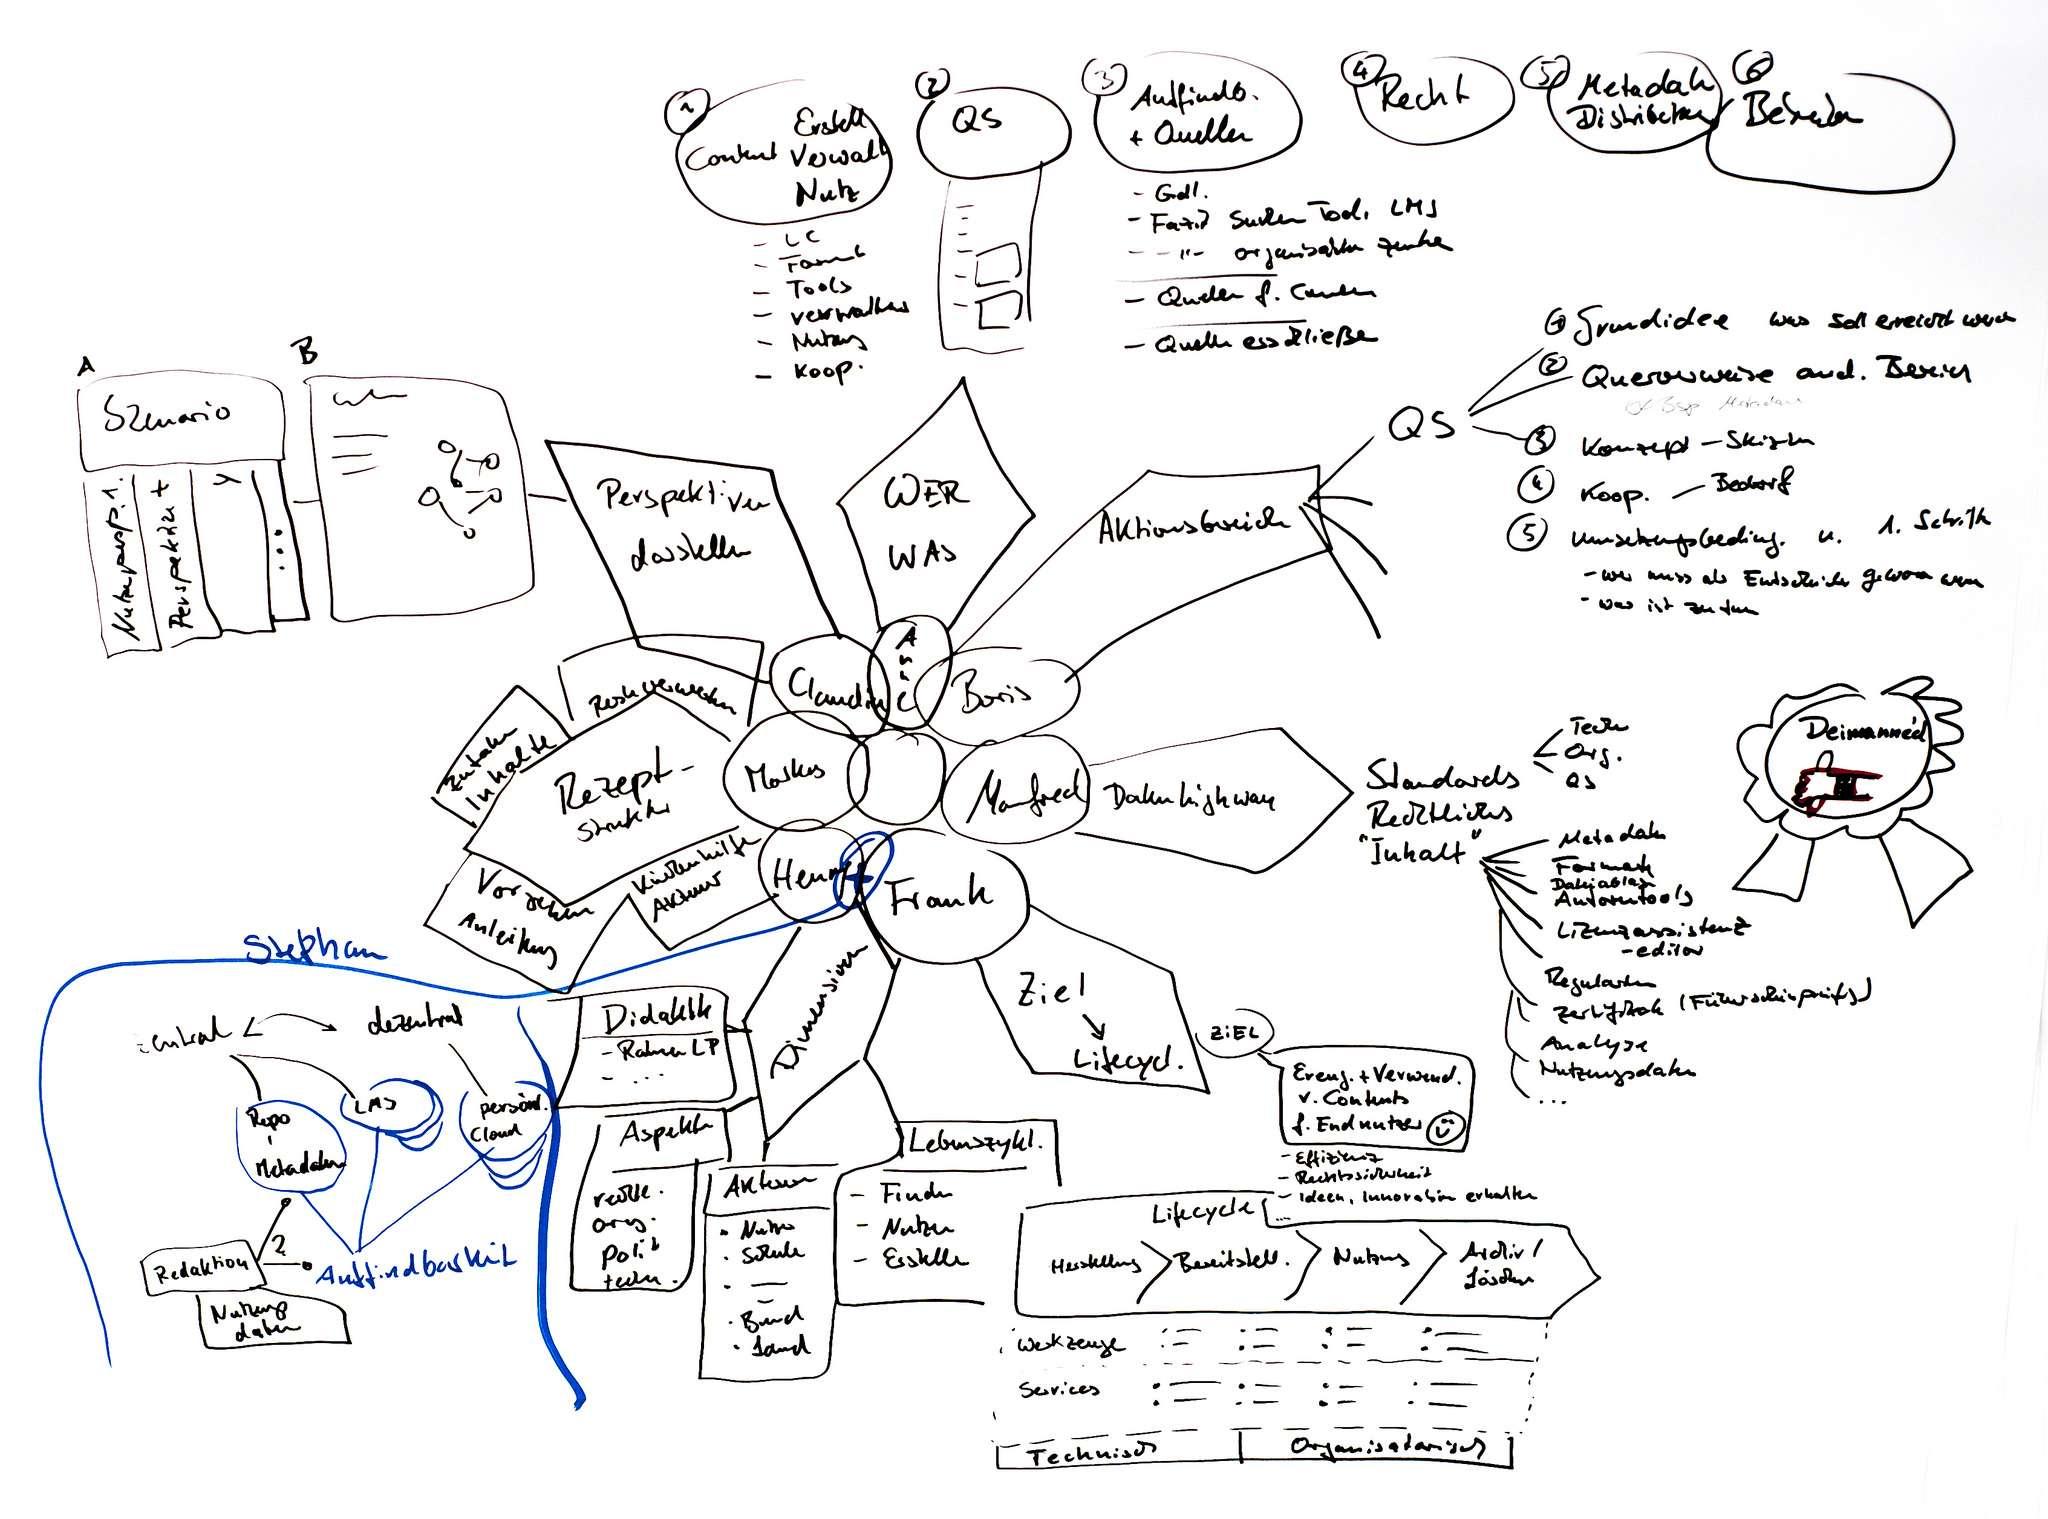 Das Bild zeigt ein Strukturkonzept mit verschiedenen Bereichen für OER-Infrastrukturen.